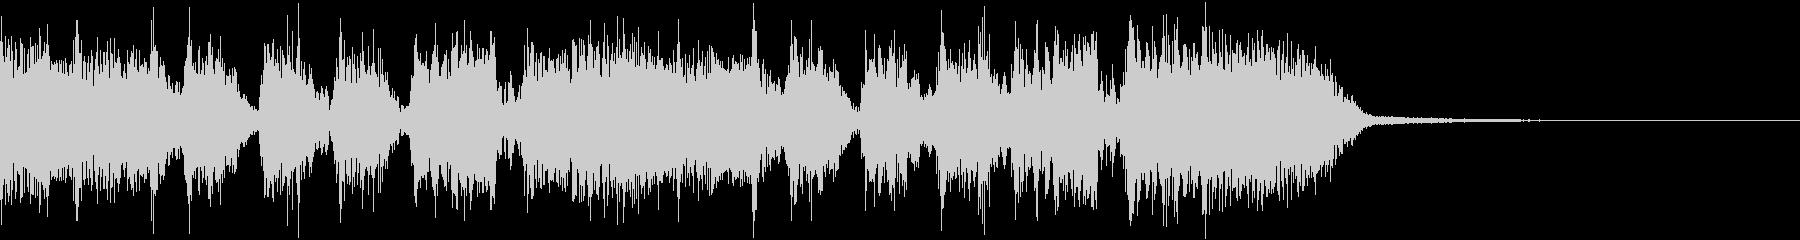 エネルギッシュ・ロックなサウンドロゴ12の未再生の波形